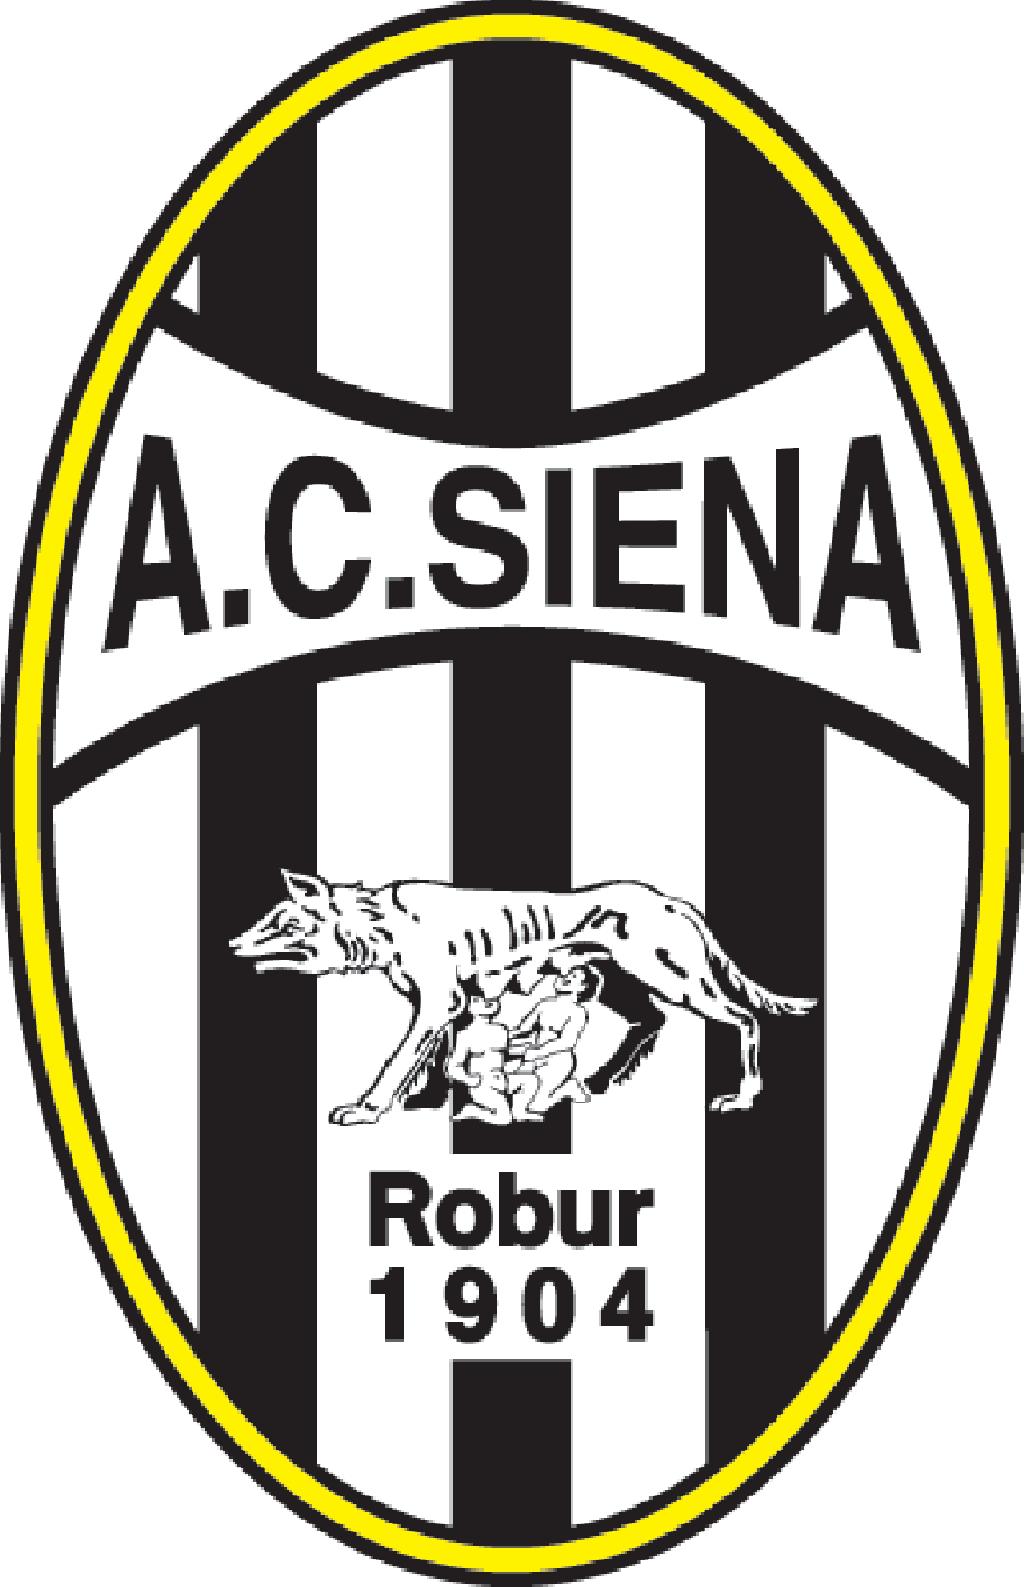 ac siena logo png - A C Siena Logo PNG